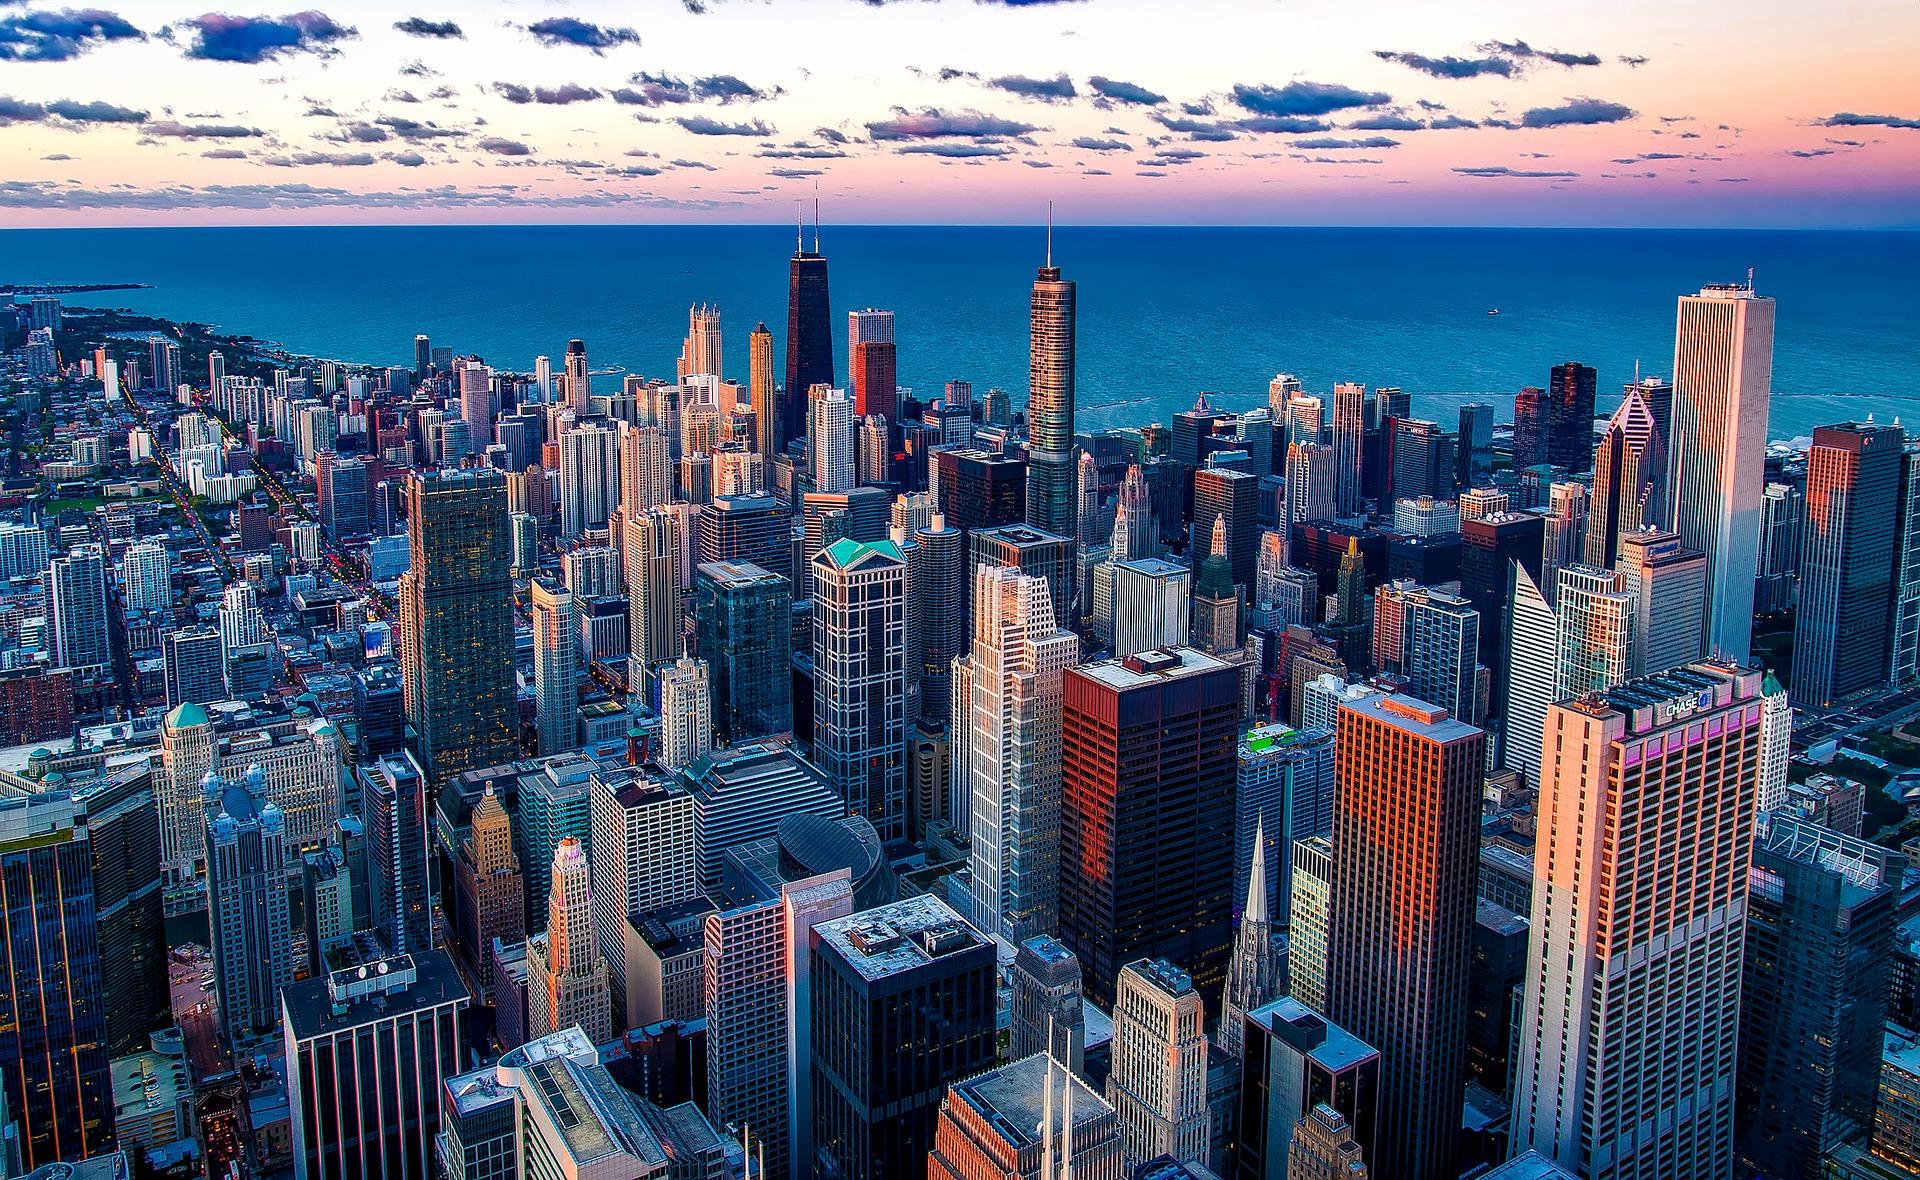 O skyline de Chicago é um dos mais bonitos do mundo (Fotos: Divulgação)